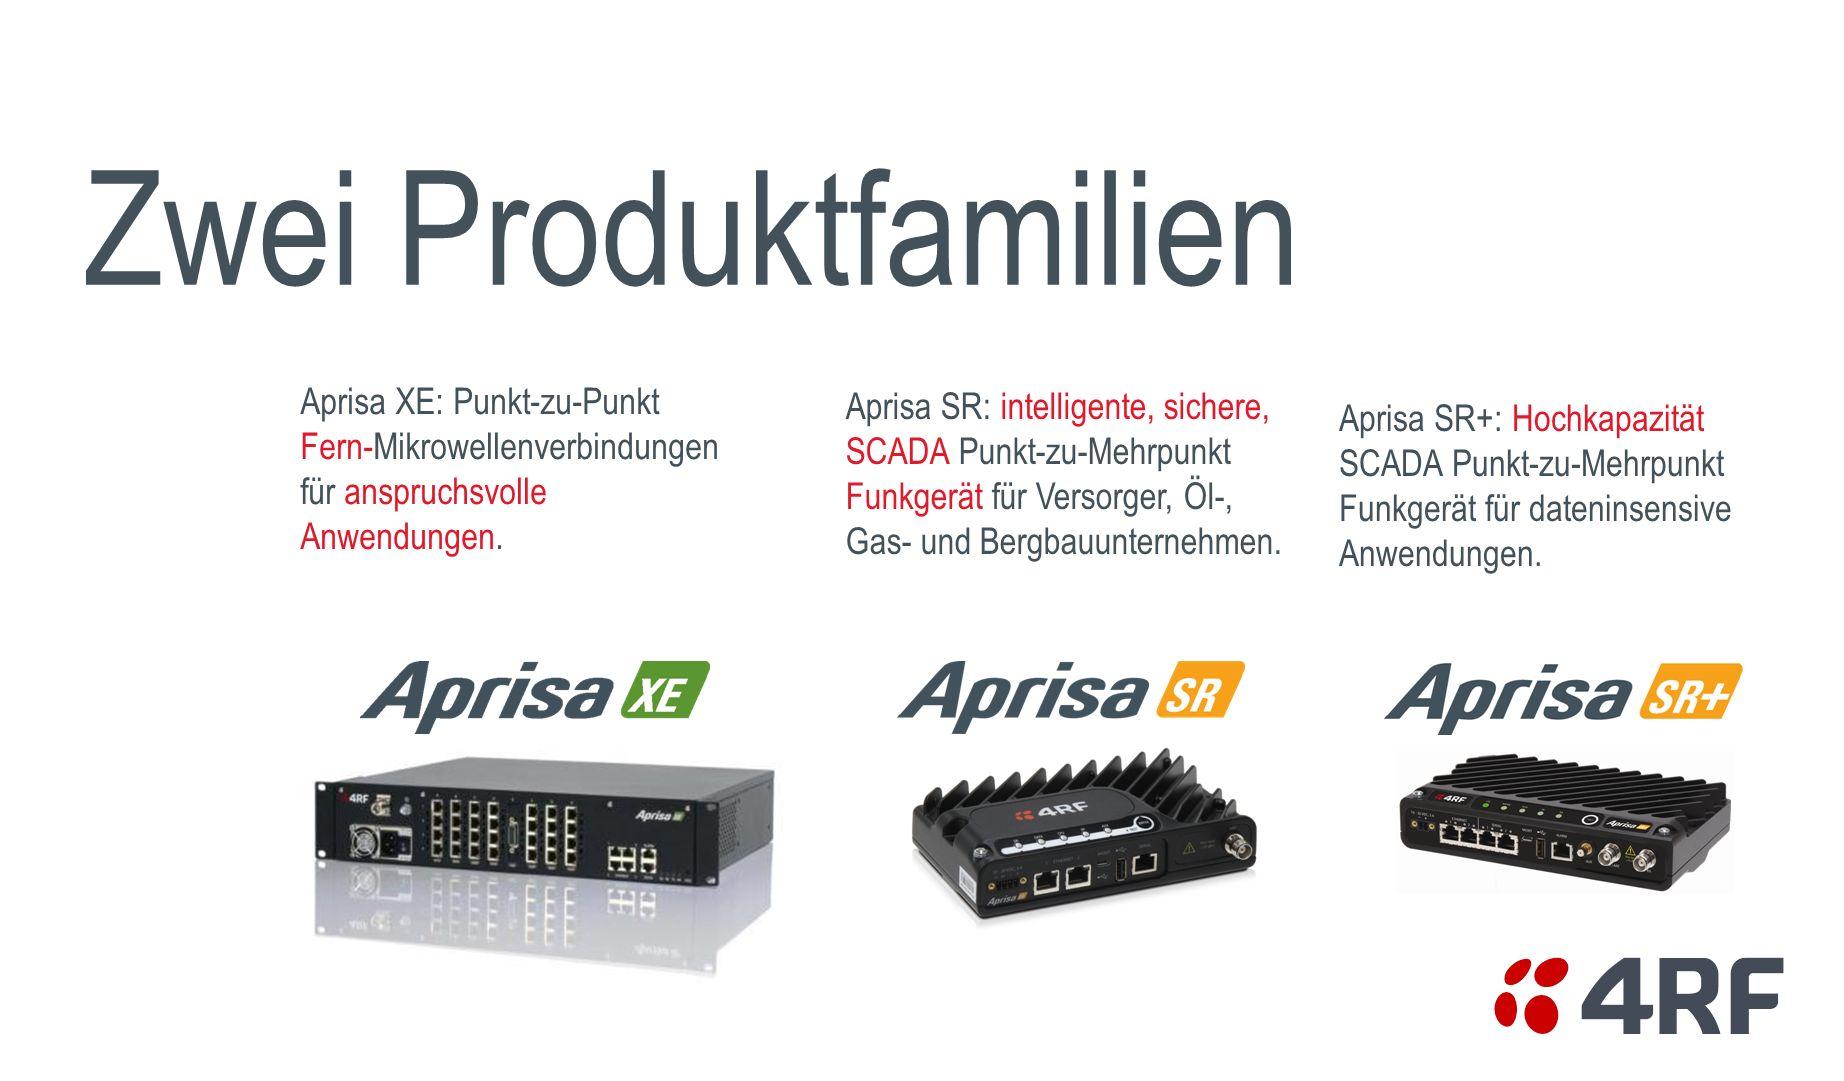 Zwei Produktfamilien Aprisa XE: Punkt-zu-Punkt Fern-Mikrowellenverbindungen für anspruchsvolle Anwendungen.